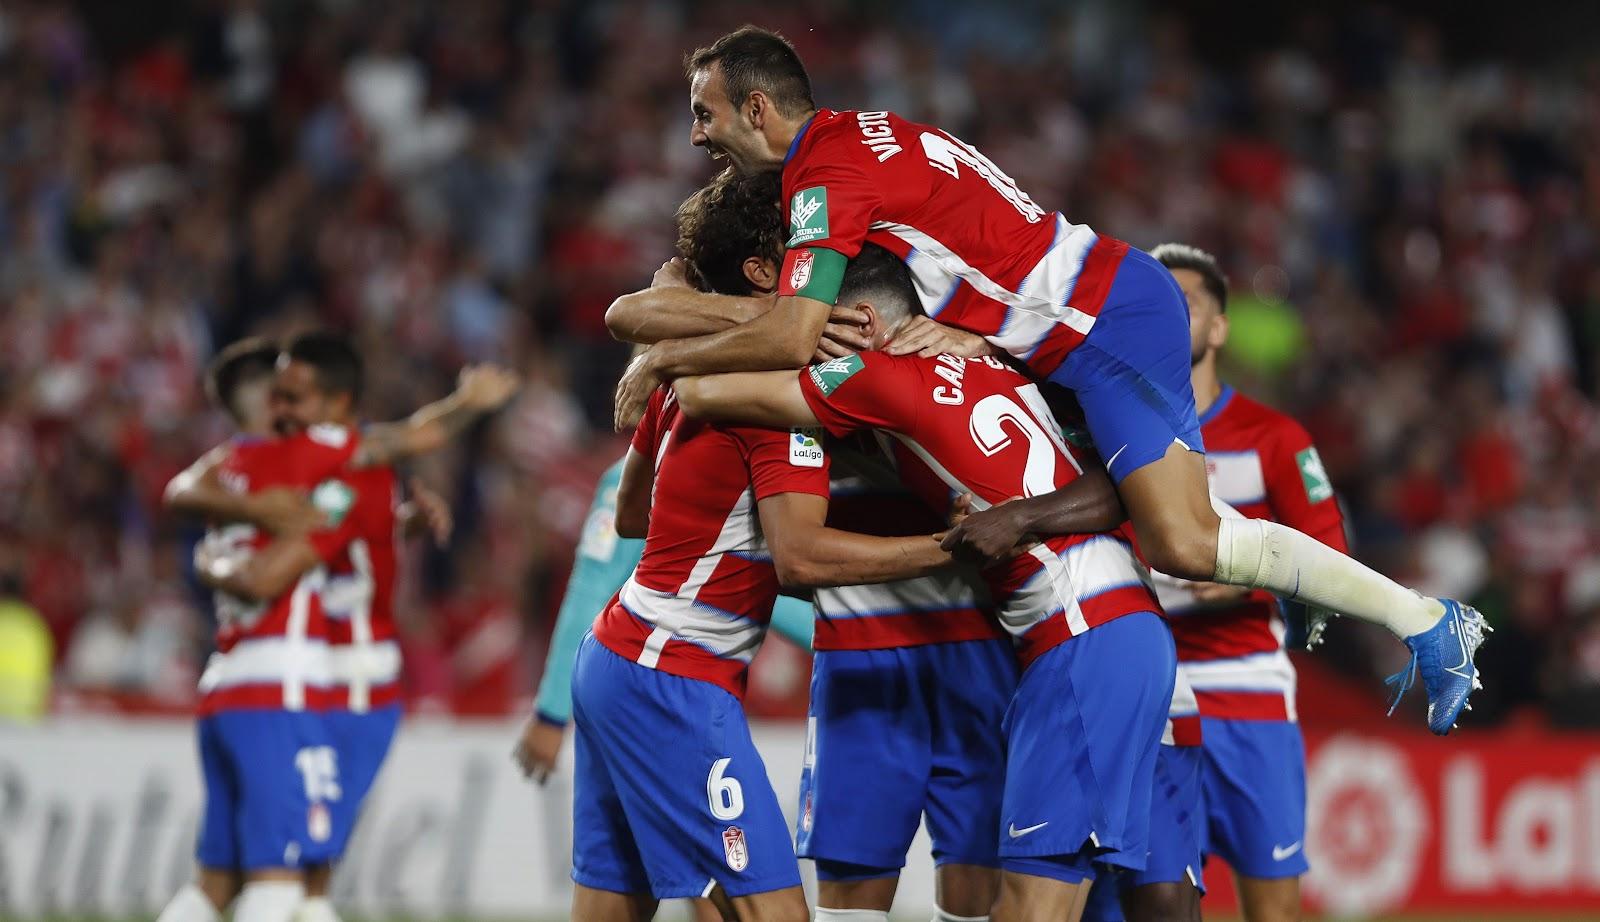 Гранада выиграла у Барселоны со счетом 2:0